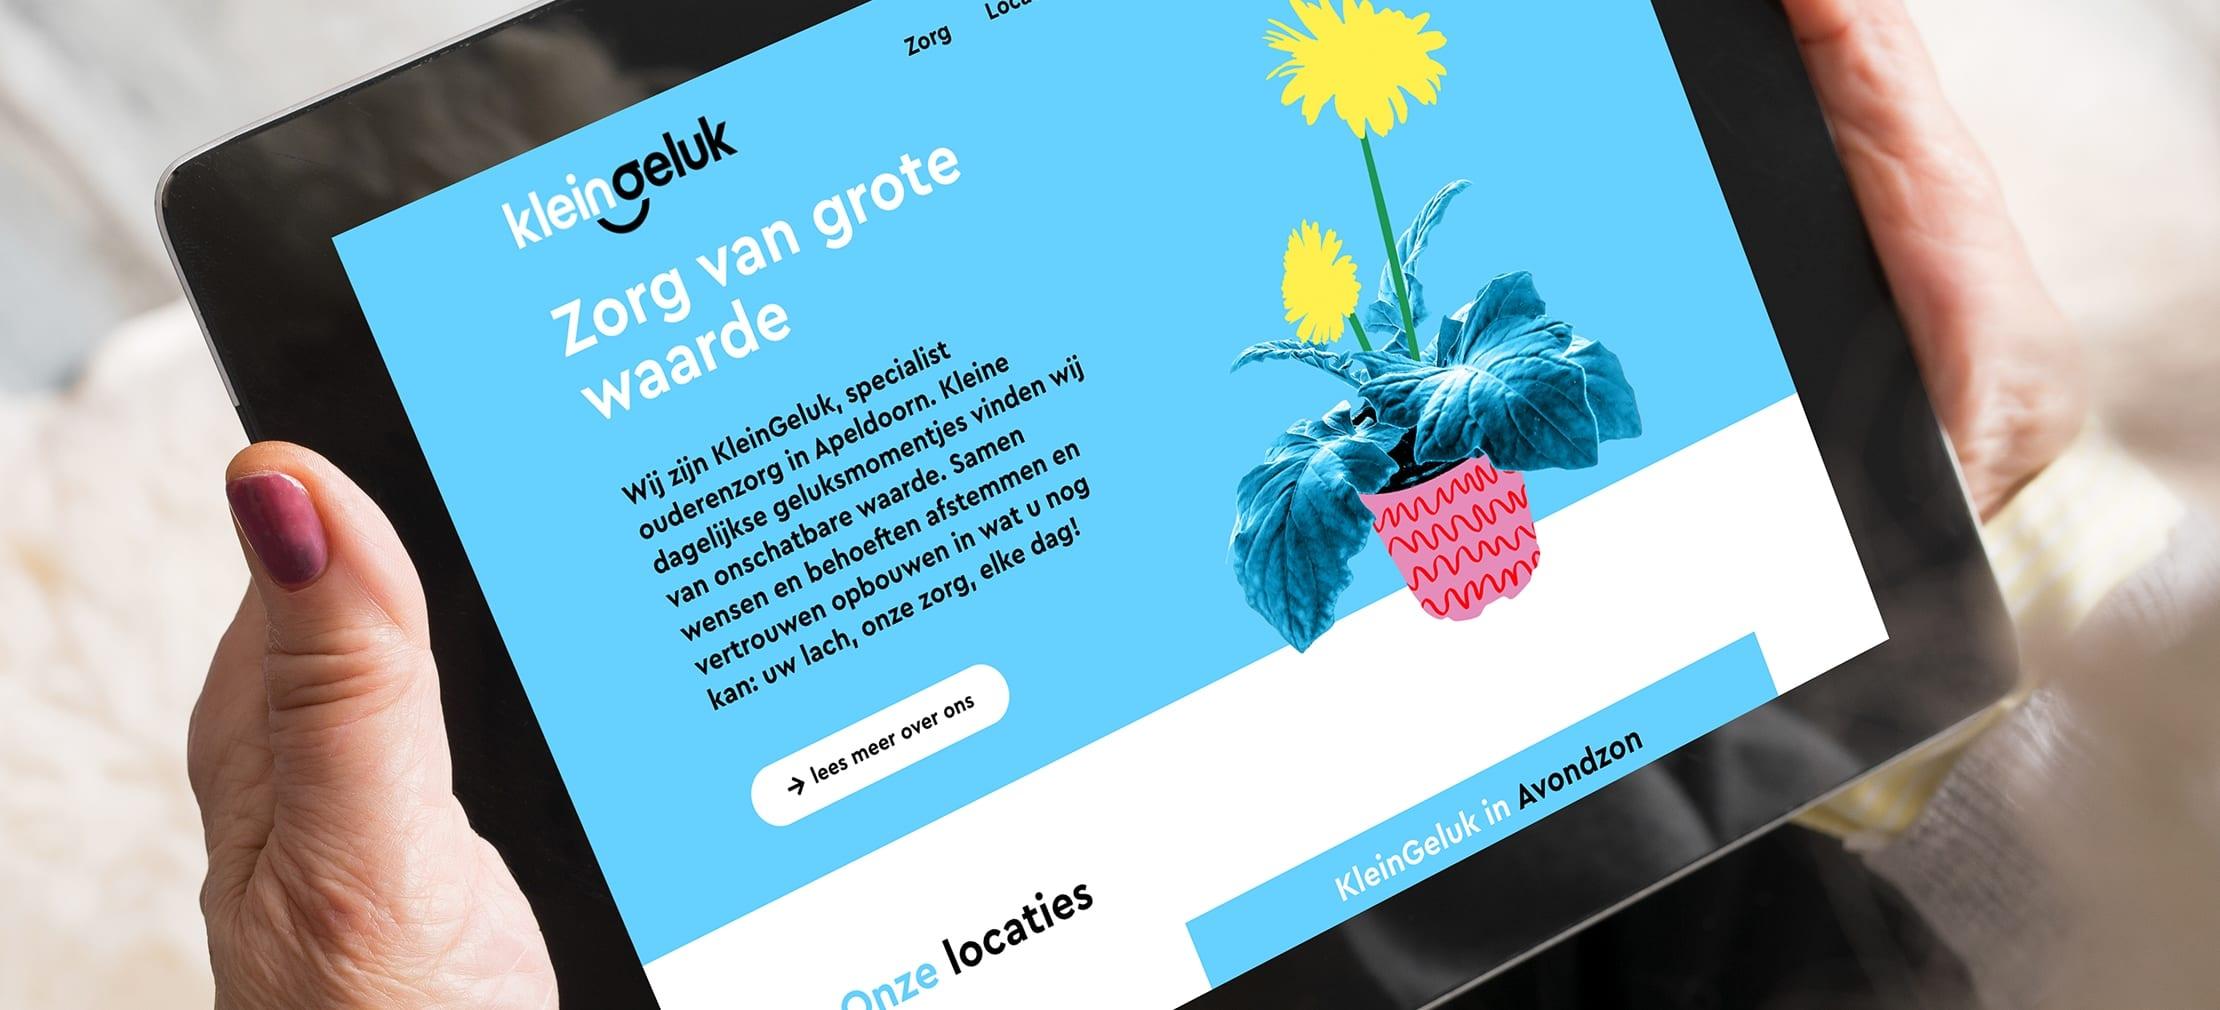 Rocket launch: website KleinGeluk!